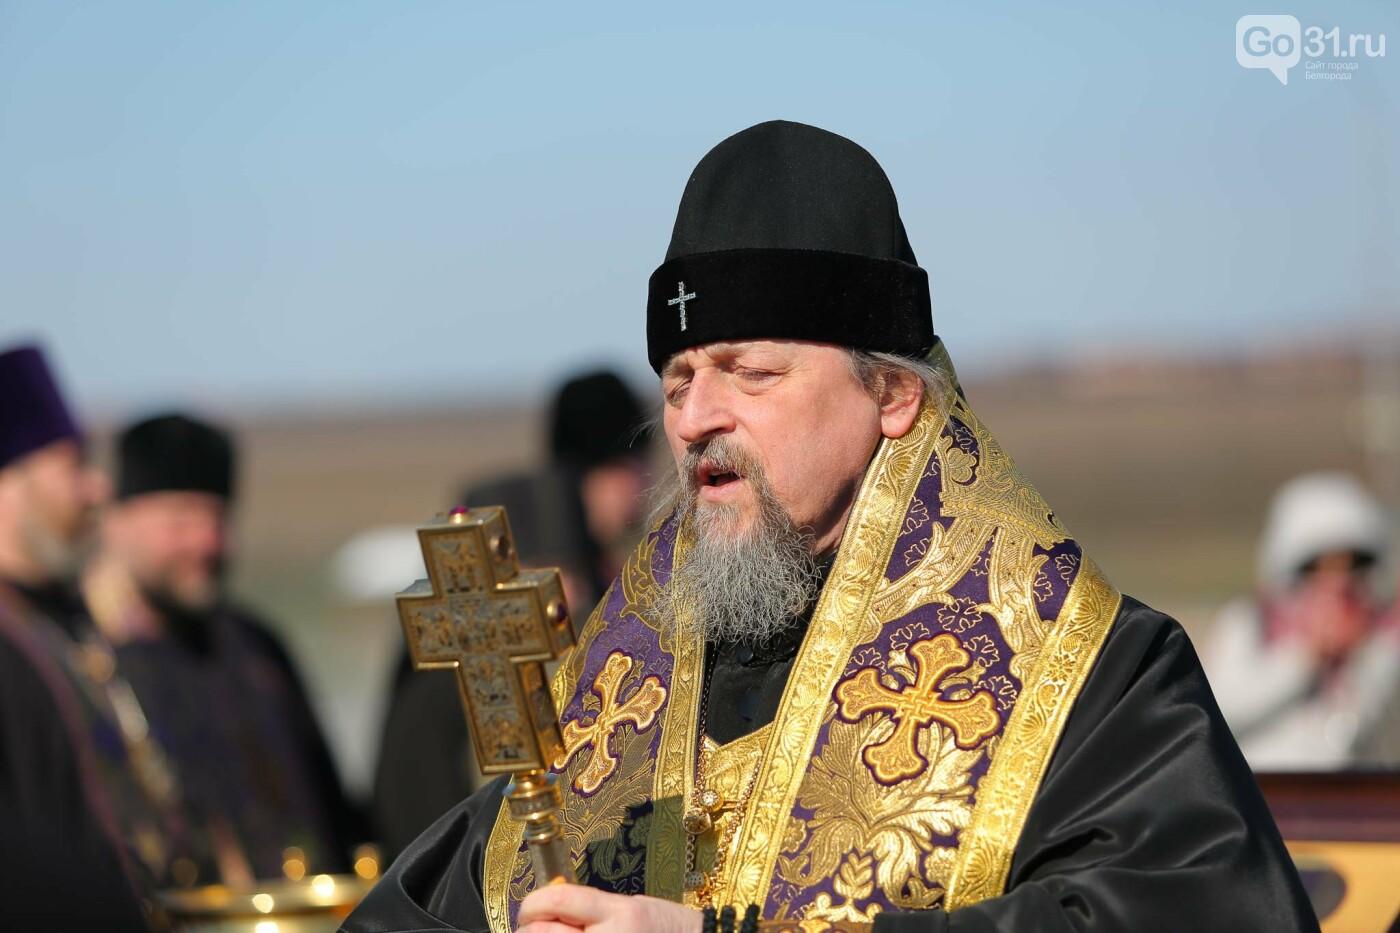 фотография архиепископа иоанна шаховского место чтобы